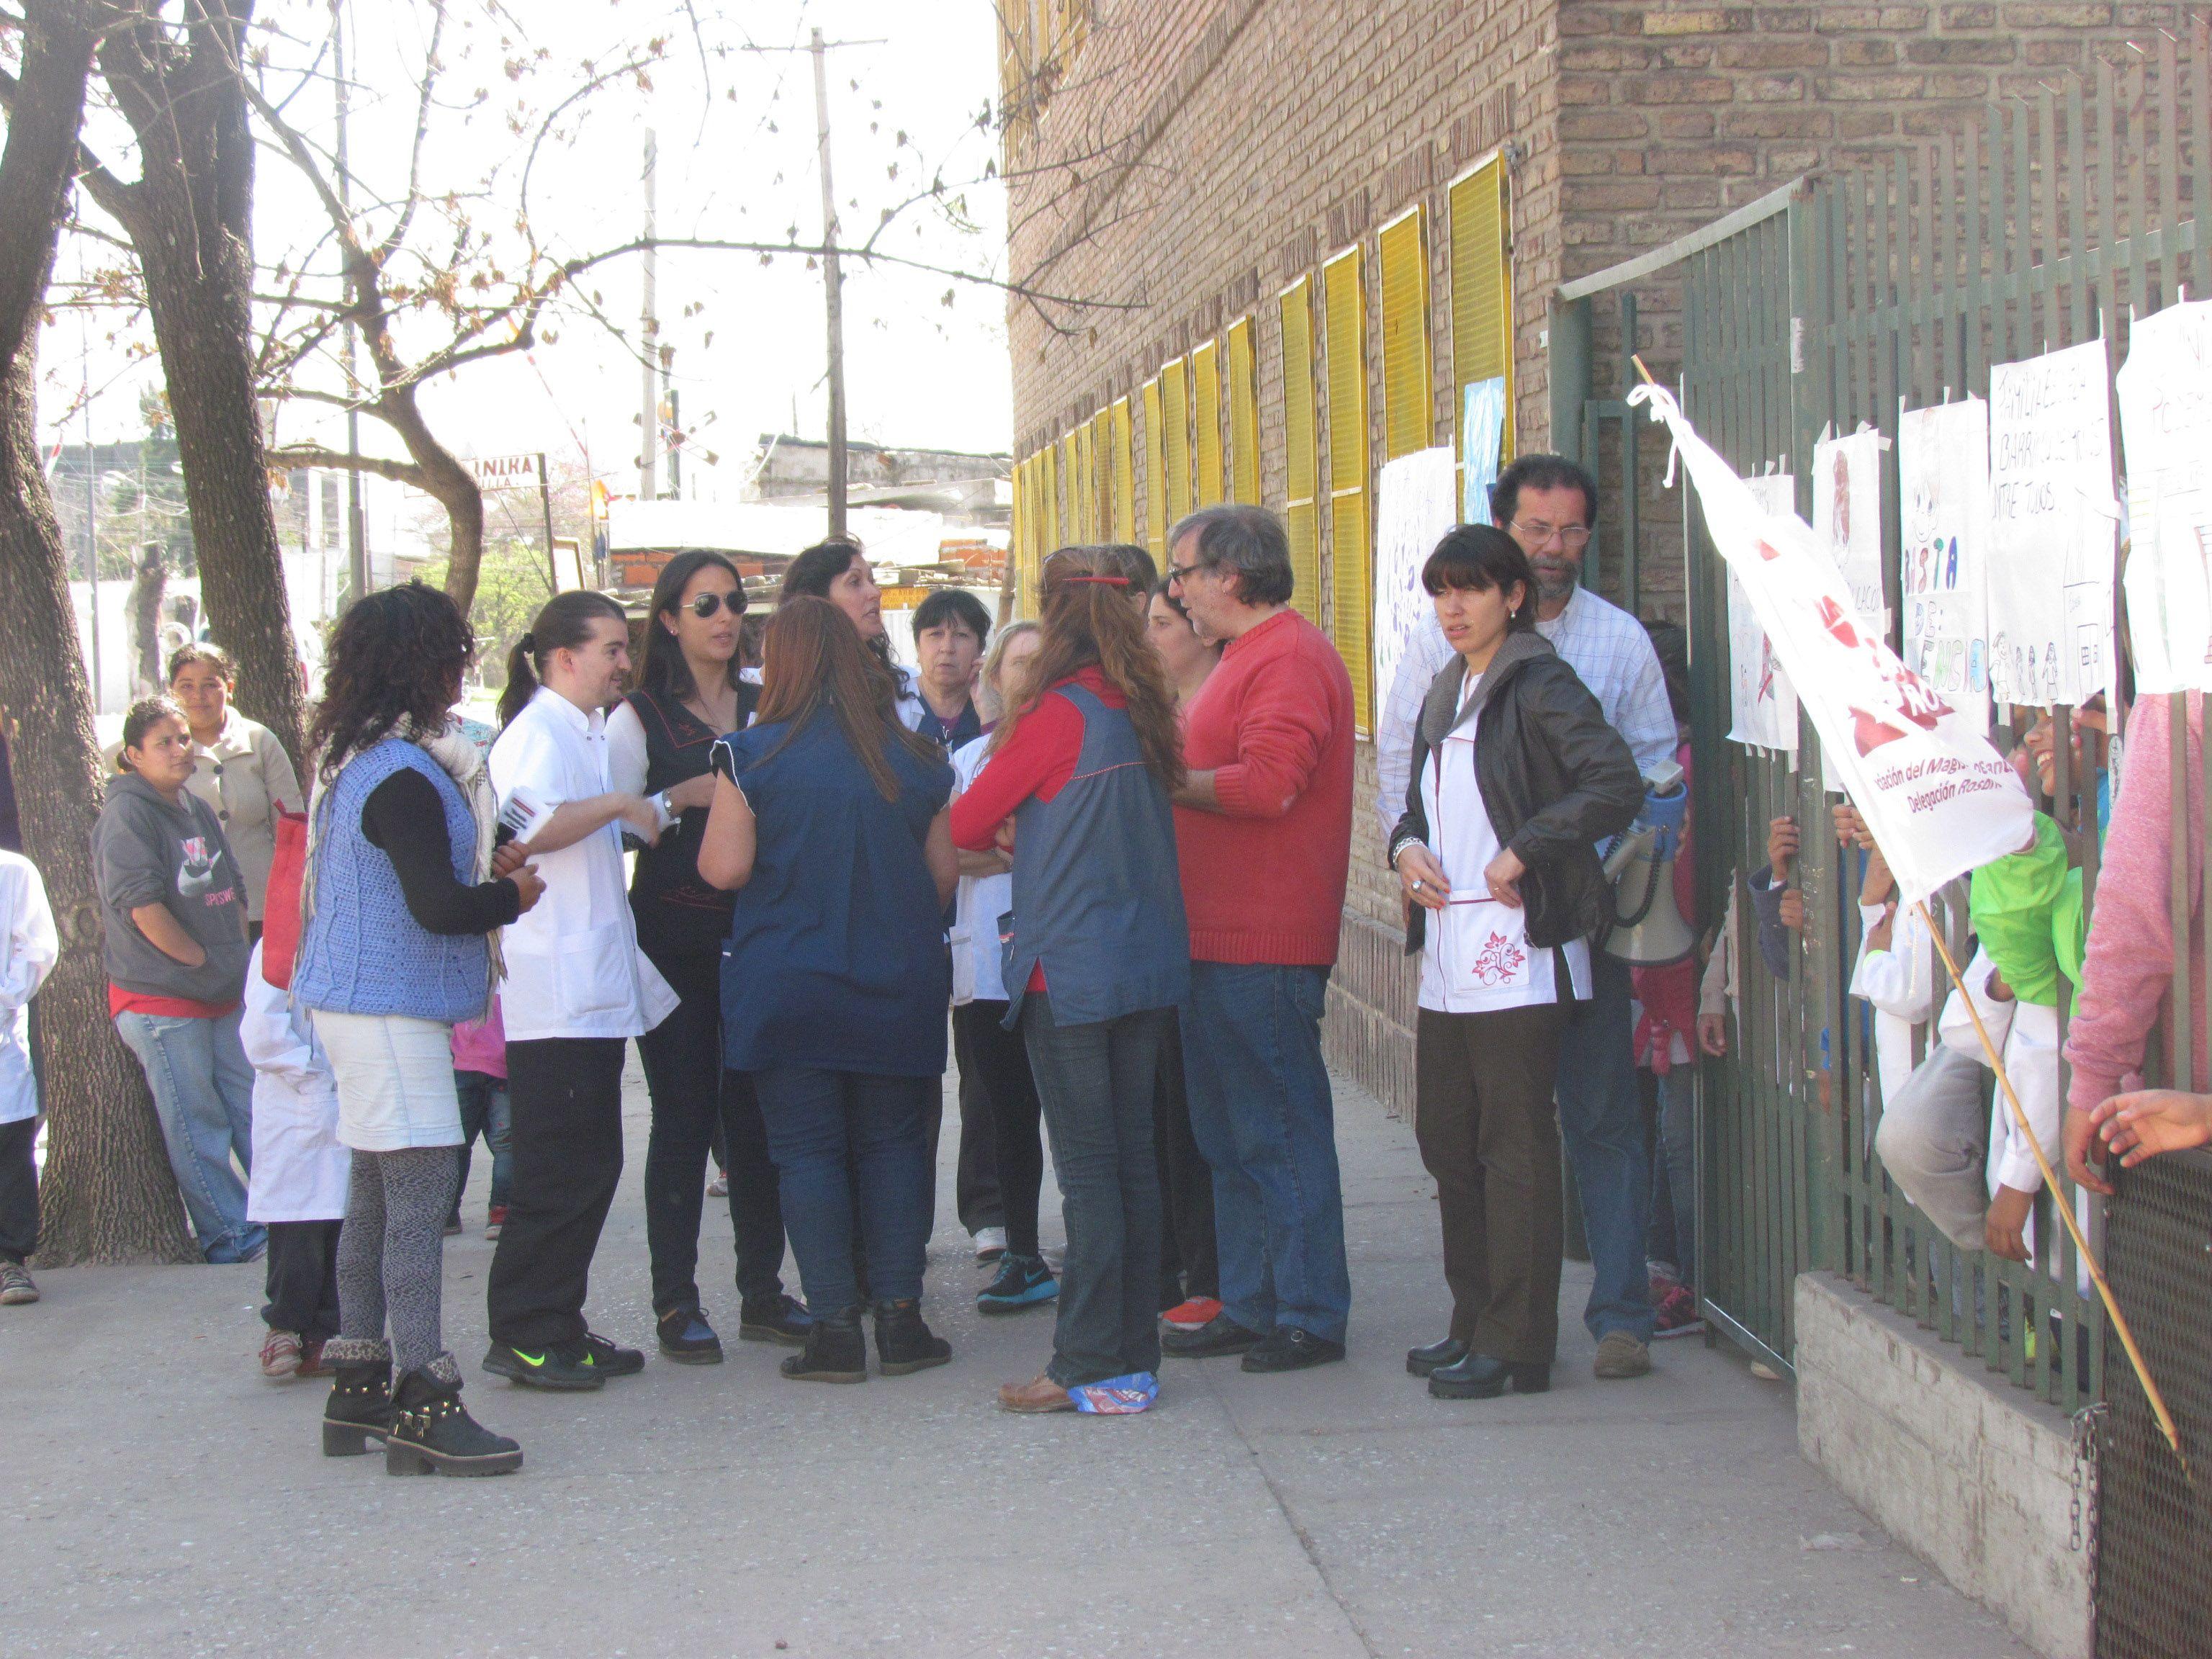 Los docentes preocupados se congregaron ayer frente a la escuela de Solís y Tupac Amaru.